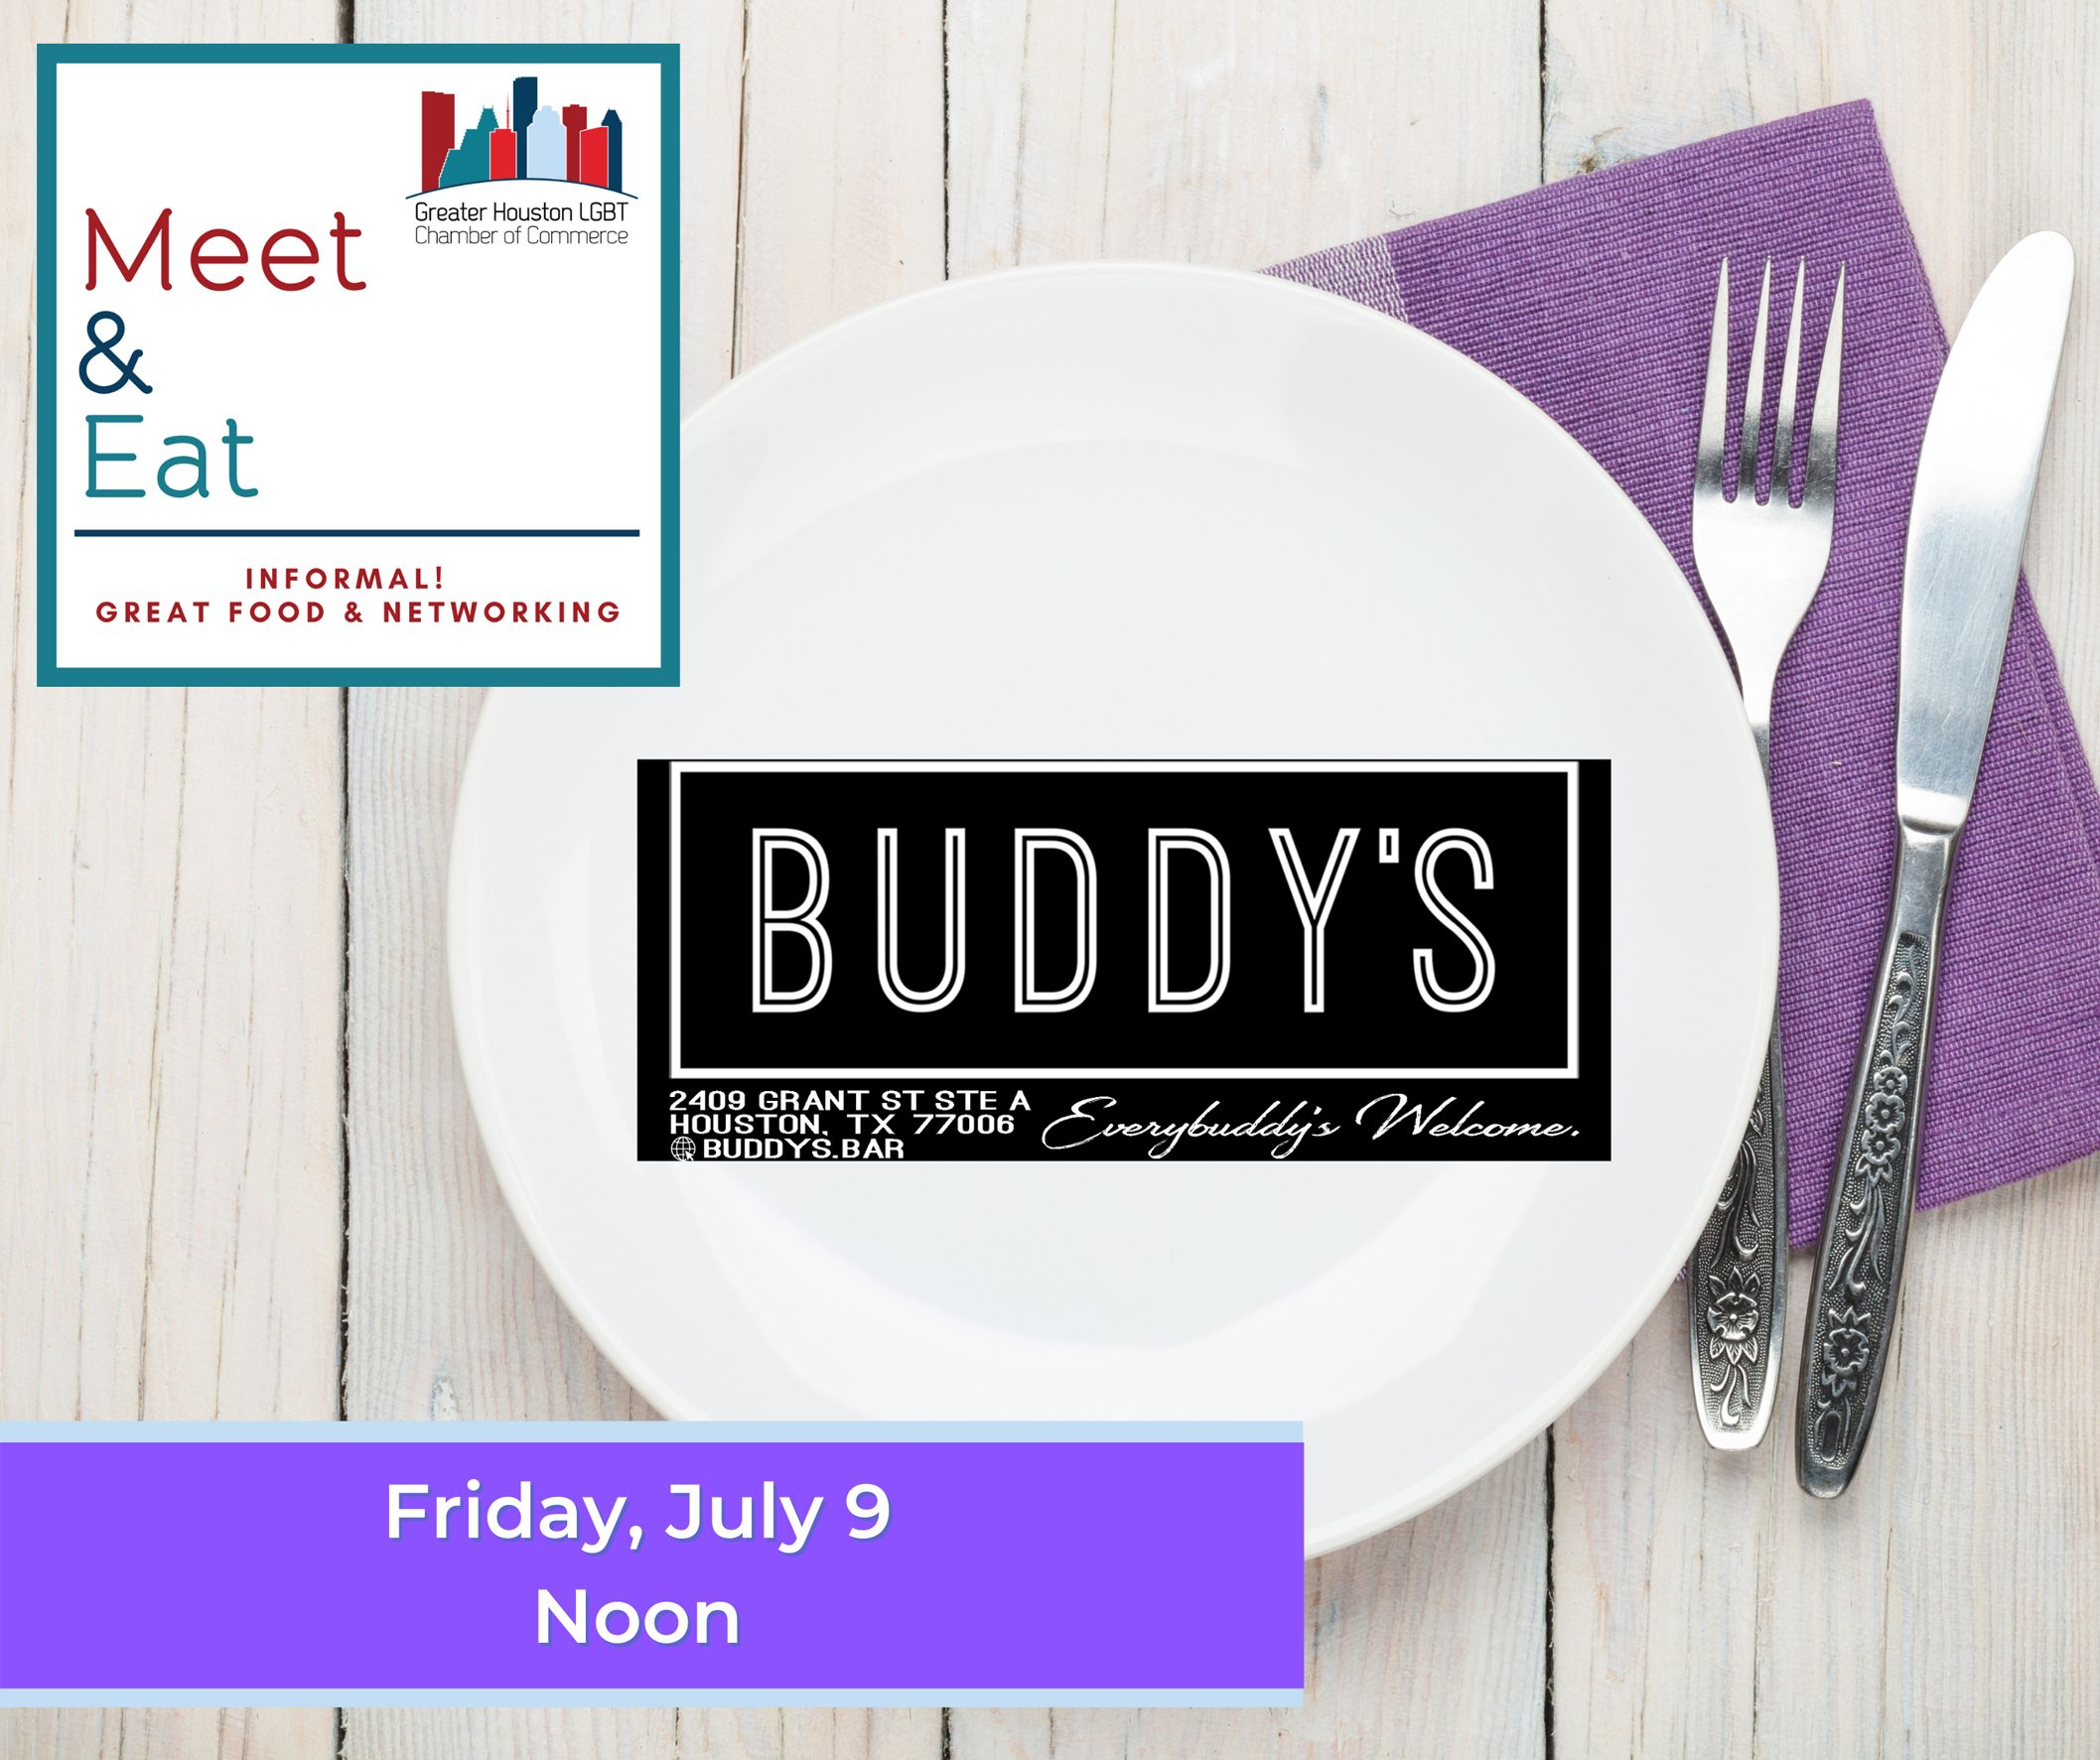 Meet-&-Eat--FB---Buddy's